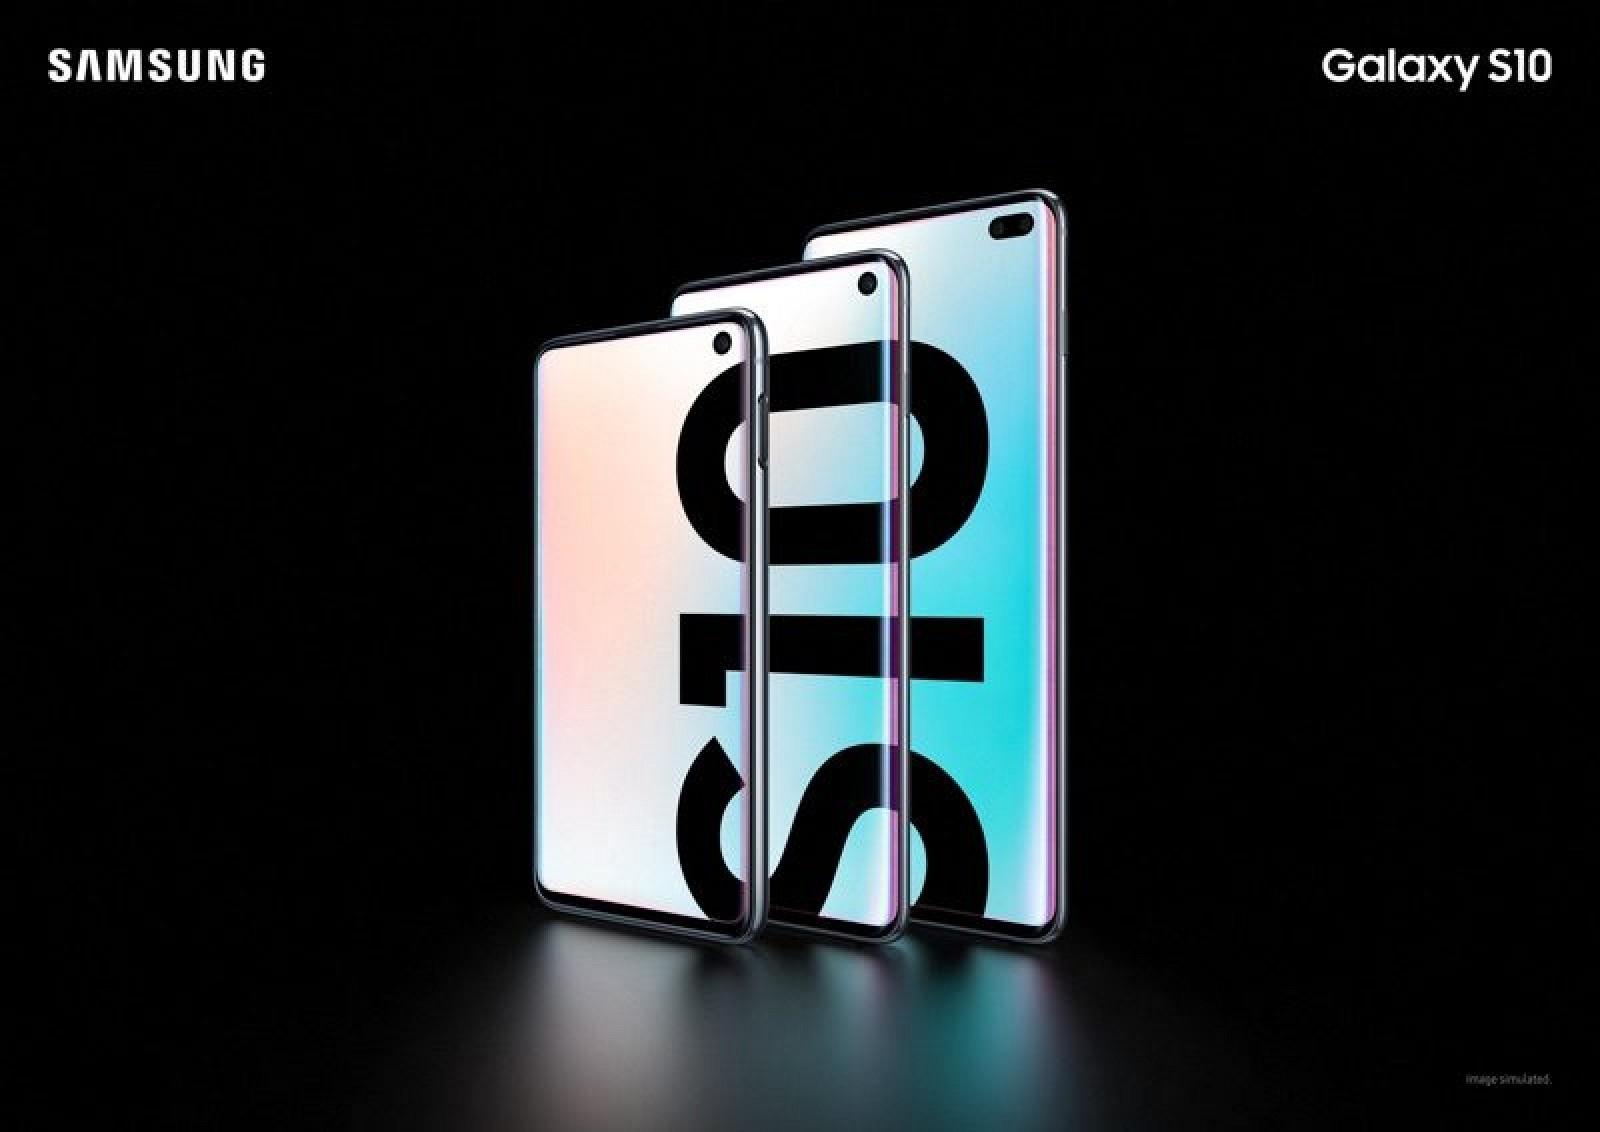 Samsung выпускает Galaxy S10 и S10 + вместе с Premium S10 5G и более дешевой версией S10e